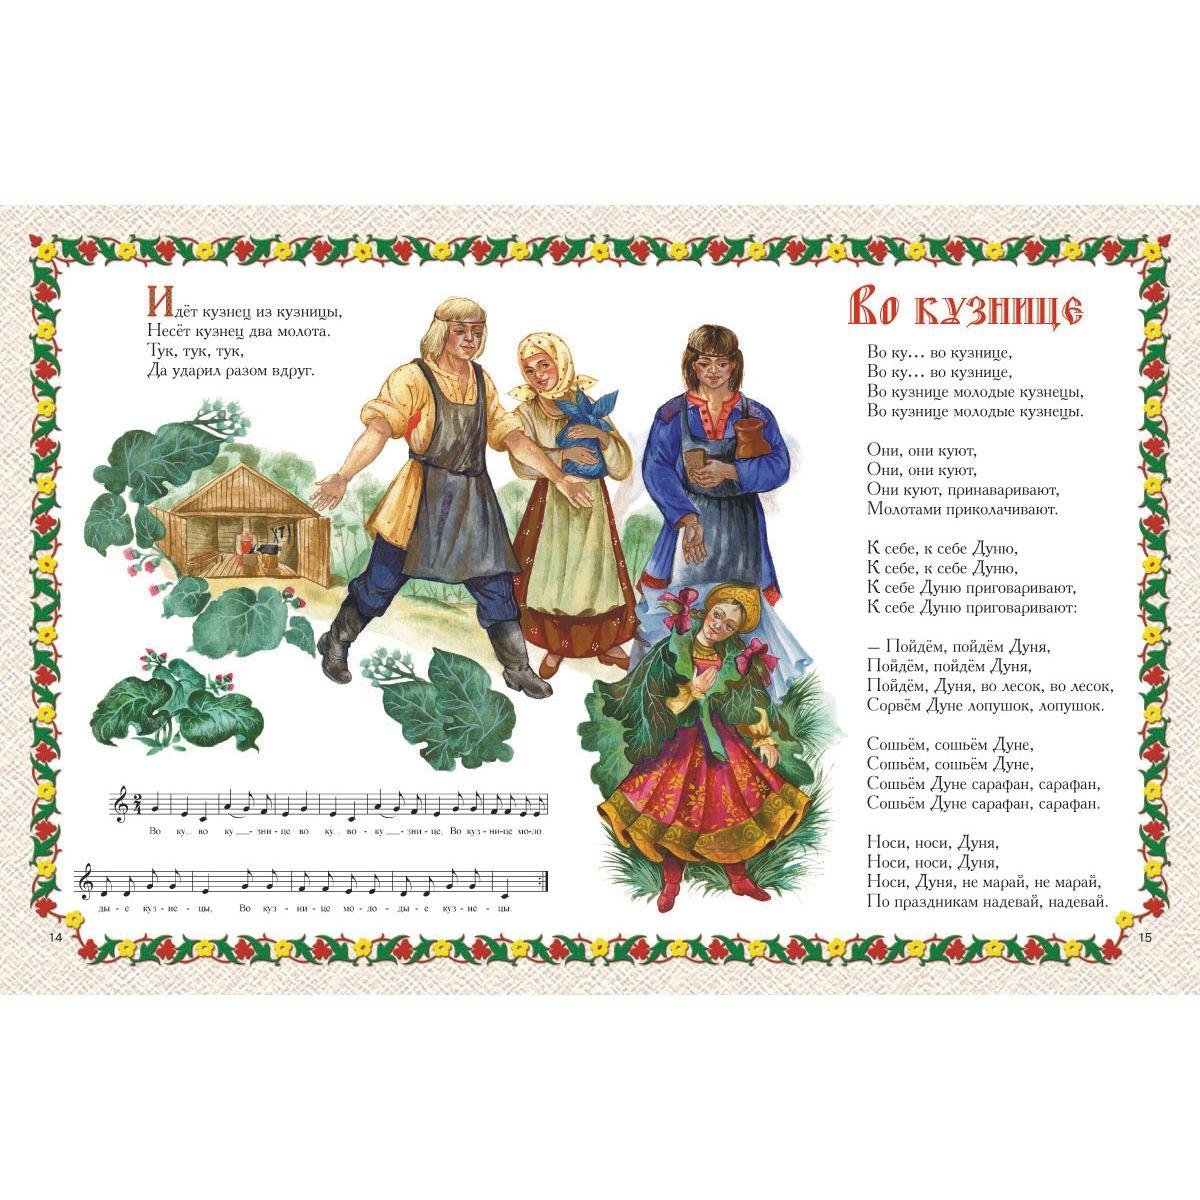 Трудового кодекса русские народные песни текст и песня велосипедов: